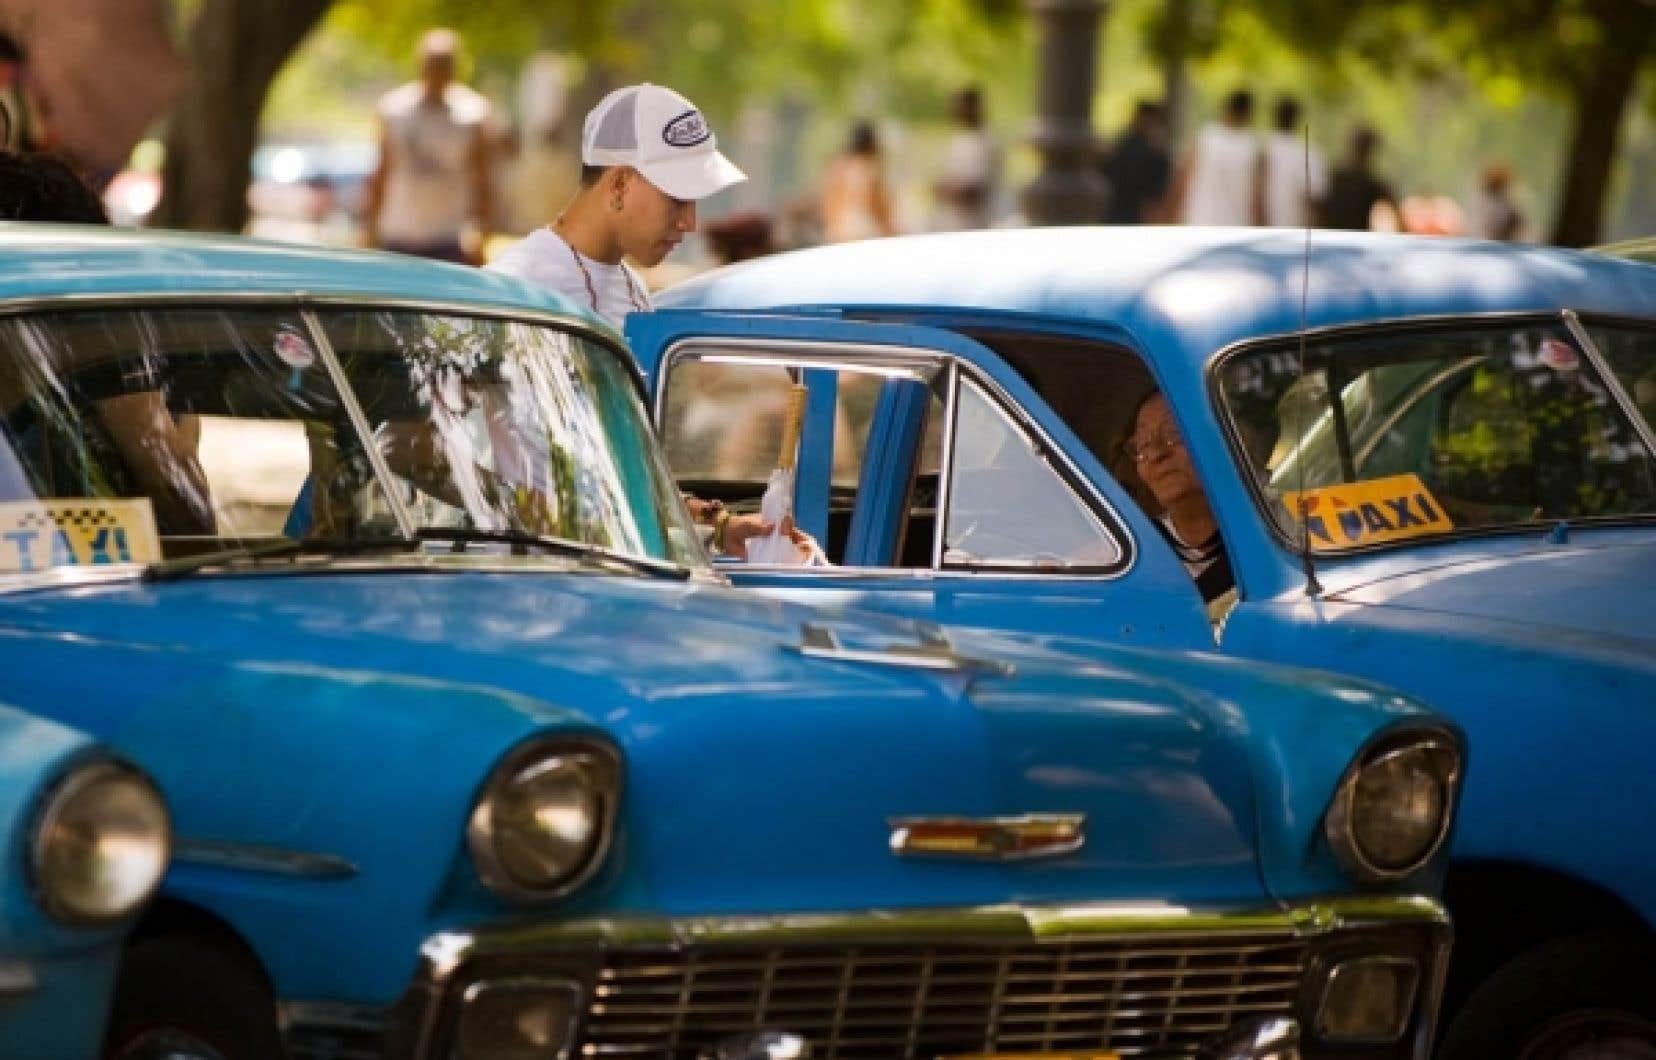 Le gouvernement de Raul Castro ouvre à 178 métiers, dont celui de chauffeur de taxi, la privatisation devant permettre de compenser un peu la perte d'emplois dans le secteur public.<br />